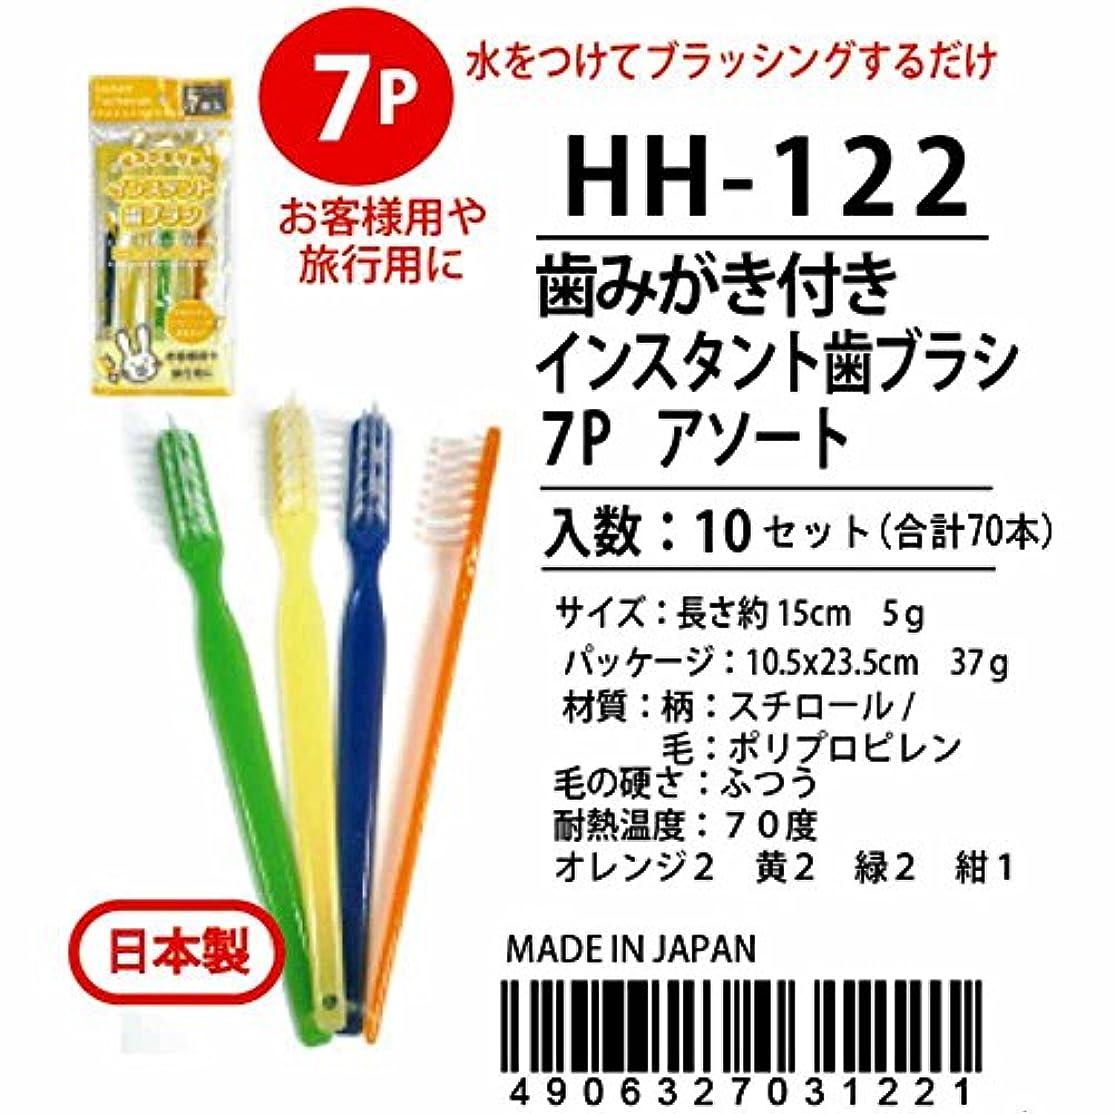 コーン月曜タンカースバル 歯みがき付きインスタント歯ブラシ7P アソート HH-122 【まとめ買い10個セット】